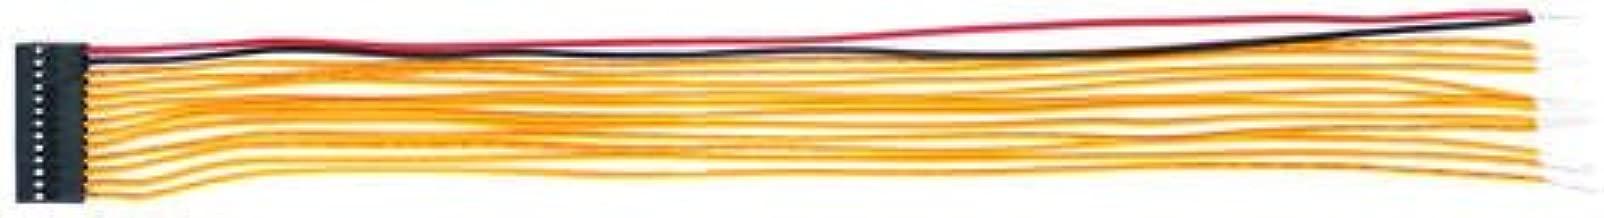 TAKAMISAWA RZ-24W-K DPDT 24VDC 1.25A 1.1K OHM 2 Form C dip Relay Qty=10